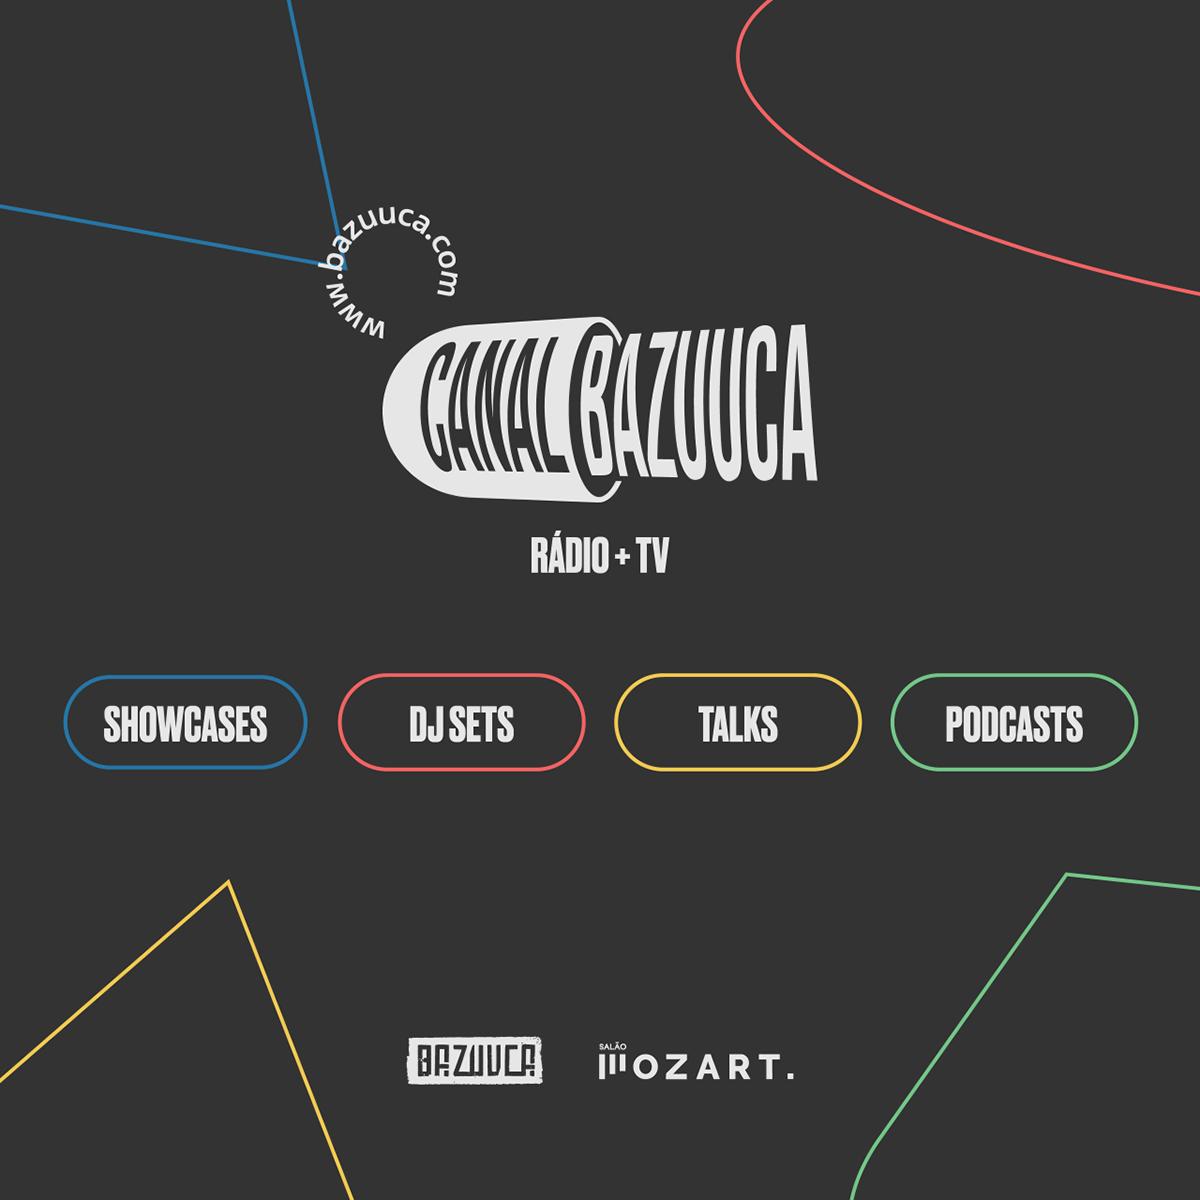 BAZUUCA lança canal de rádio e televisão online para divulgar a nova música portuguesa